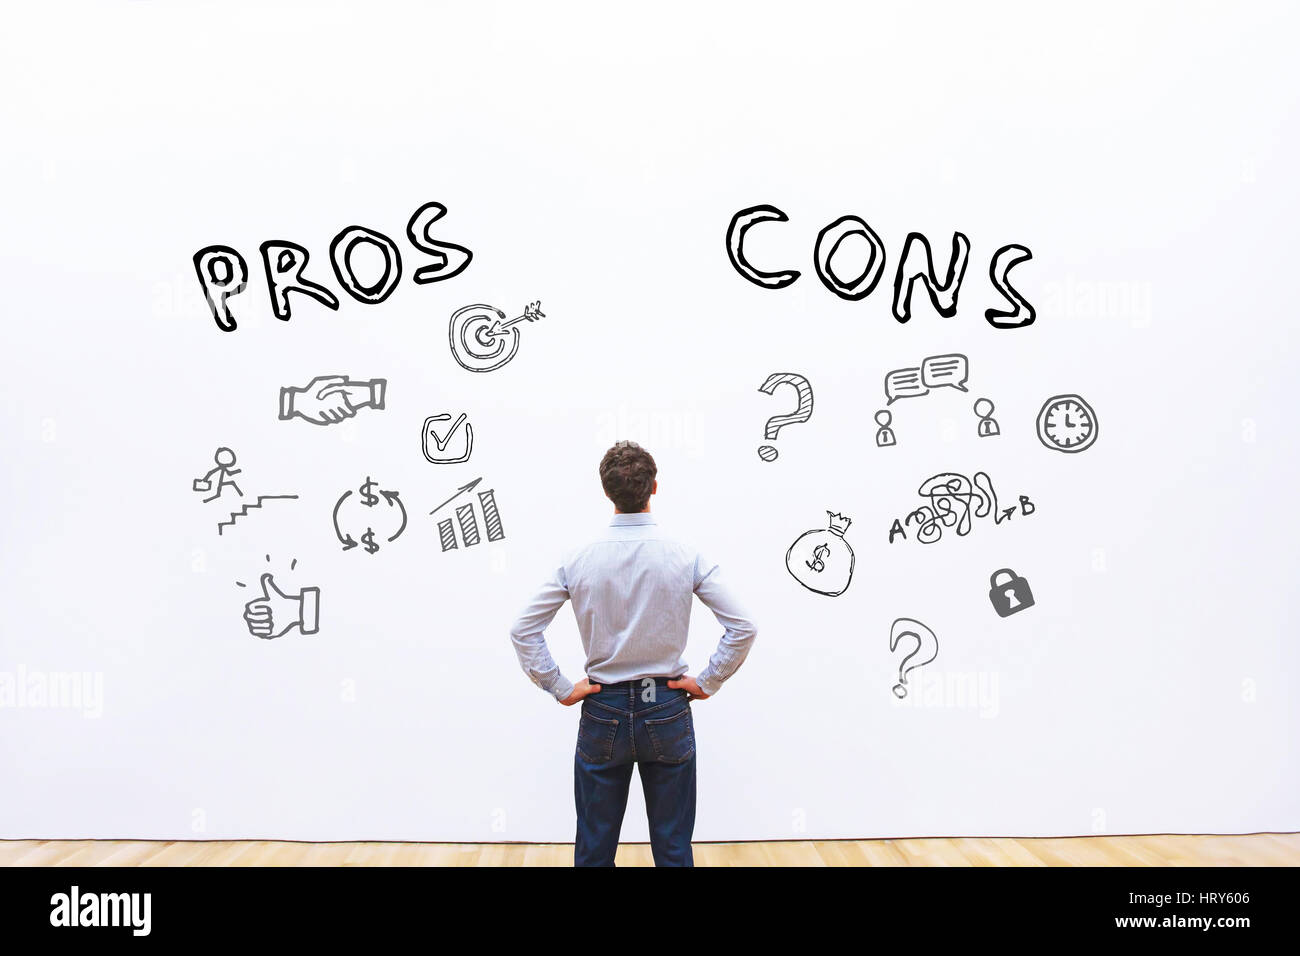 vor- und Nachteile, Vorteile Nachteil Konzept Stockbild